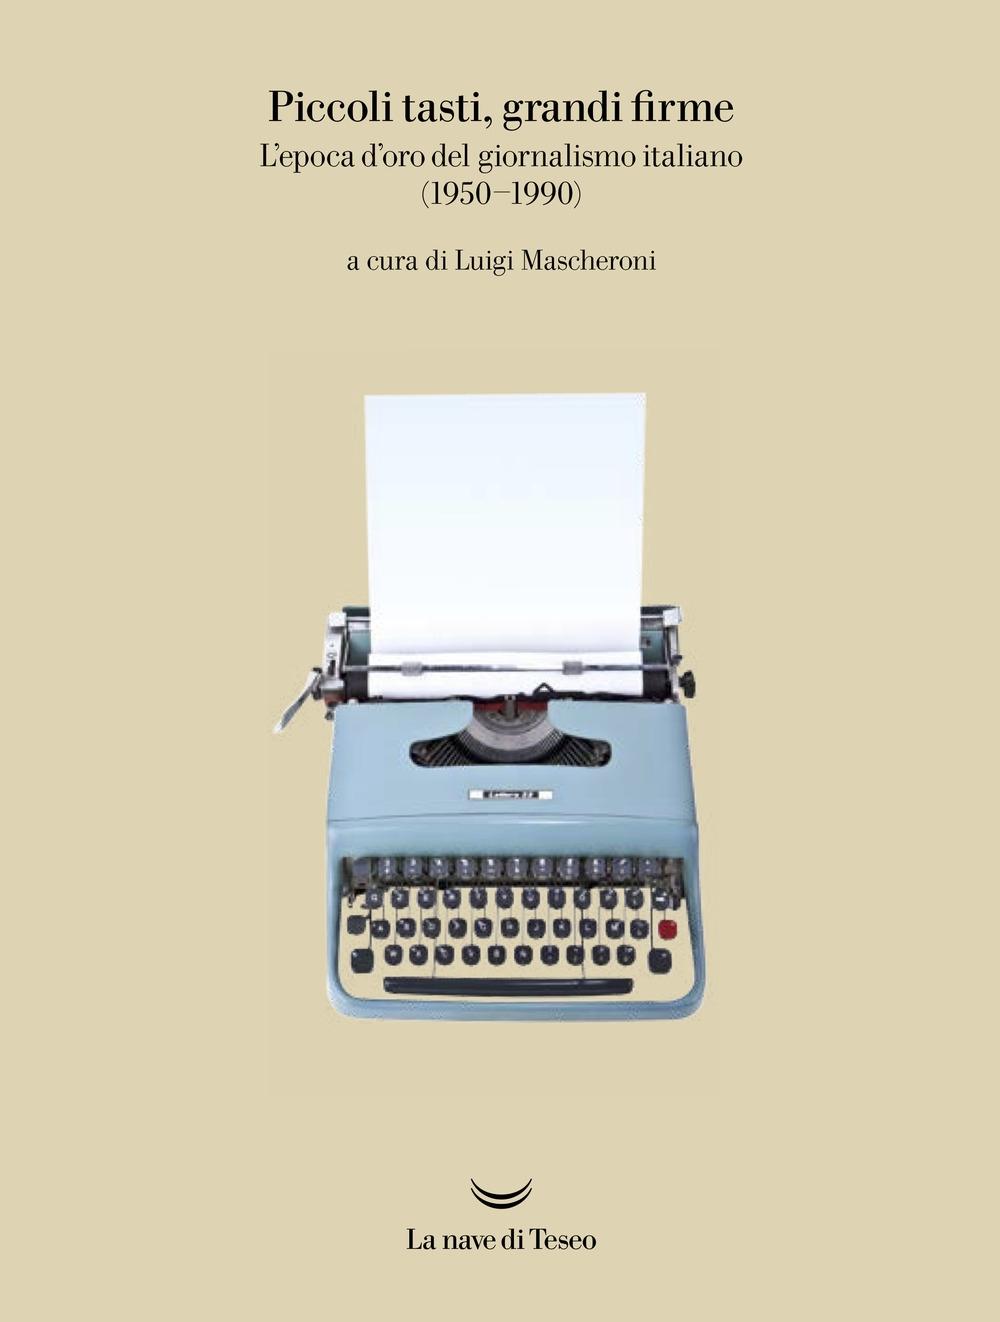 Piccoli tasti, grandi firme. L'epoca d'oro del giornalismo italiano (1950-1990).